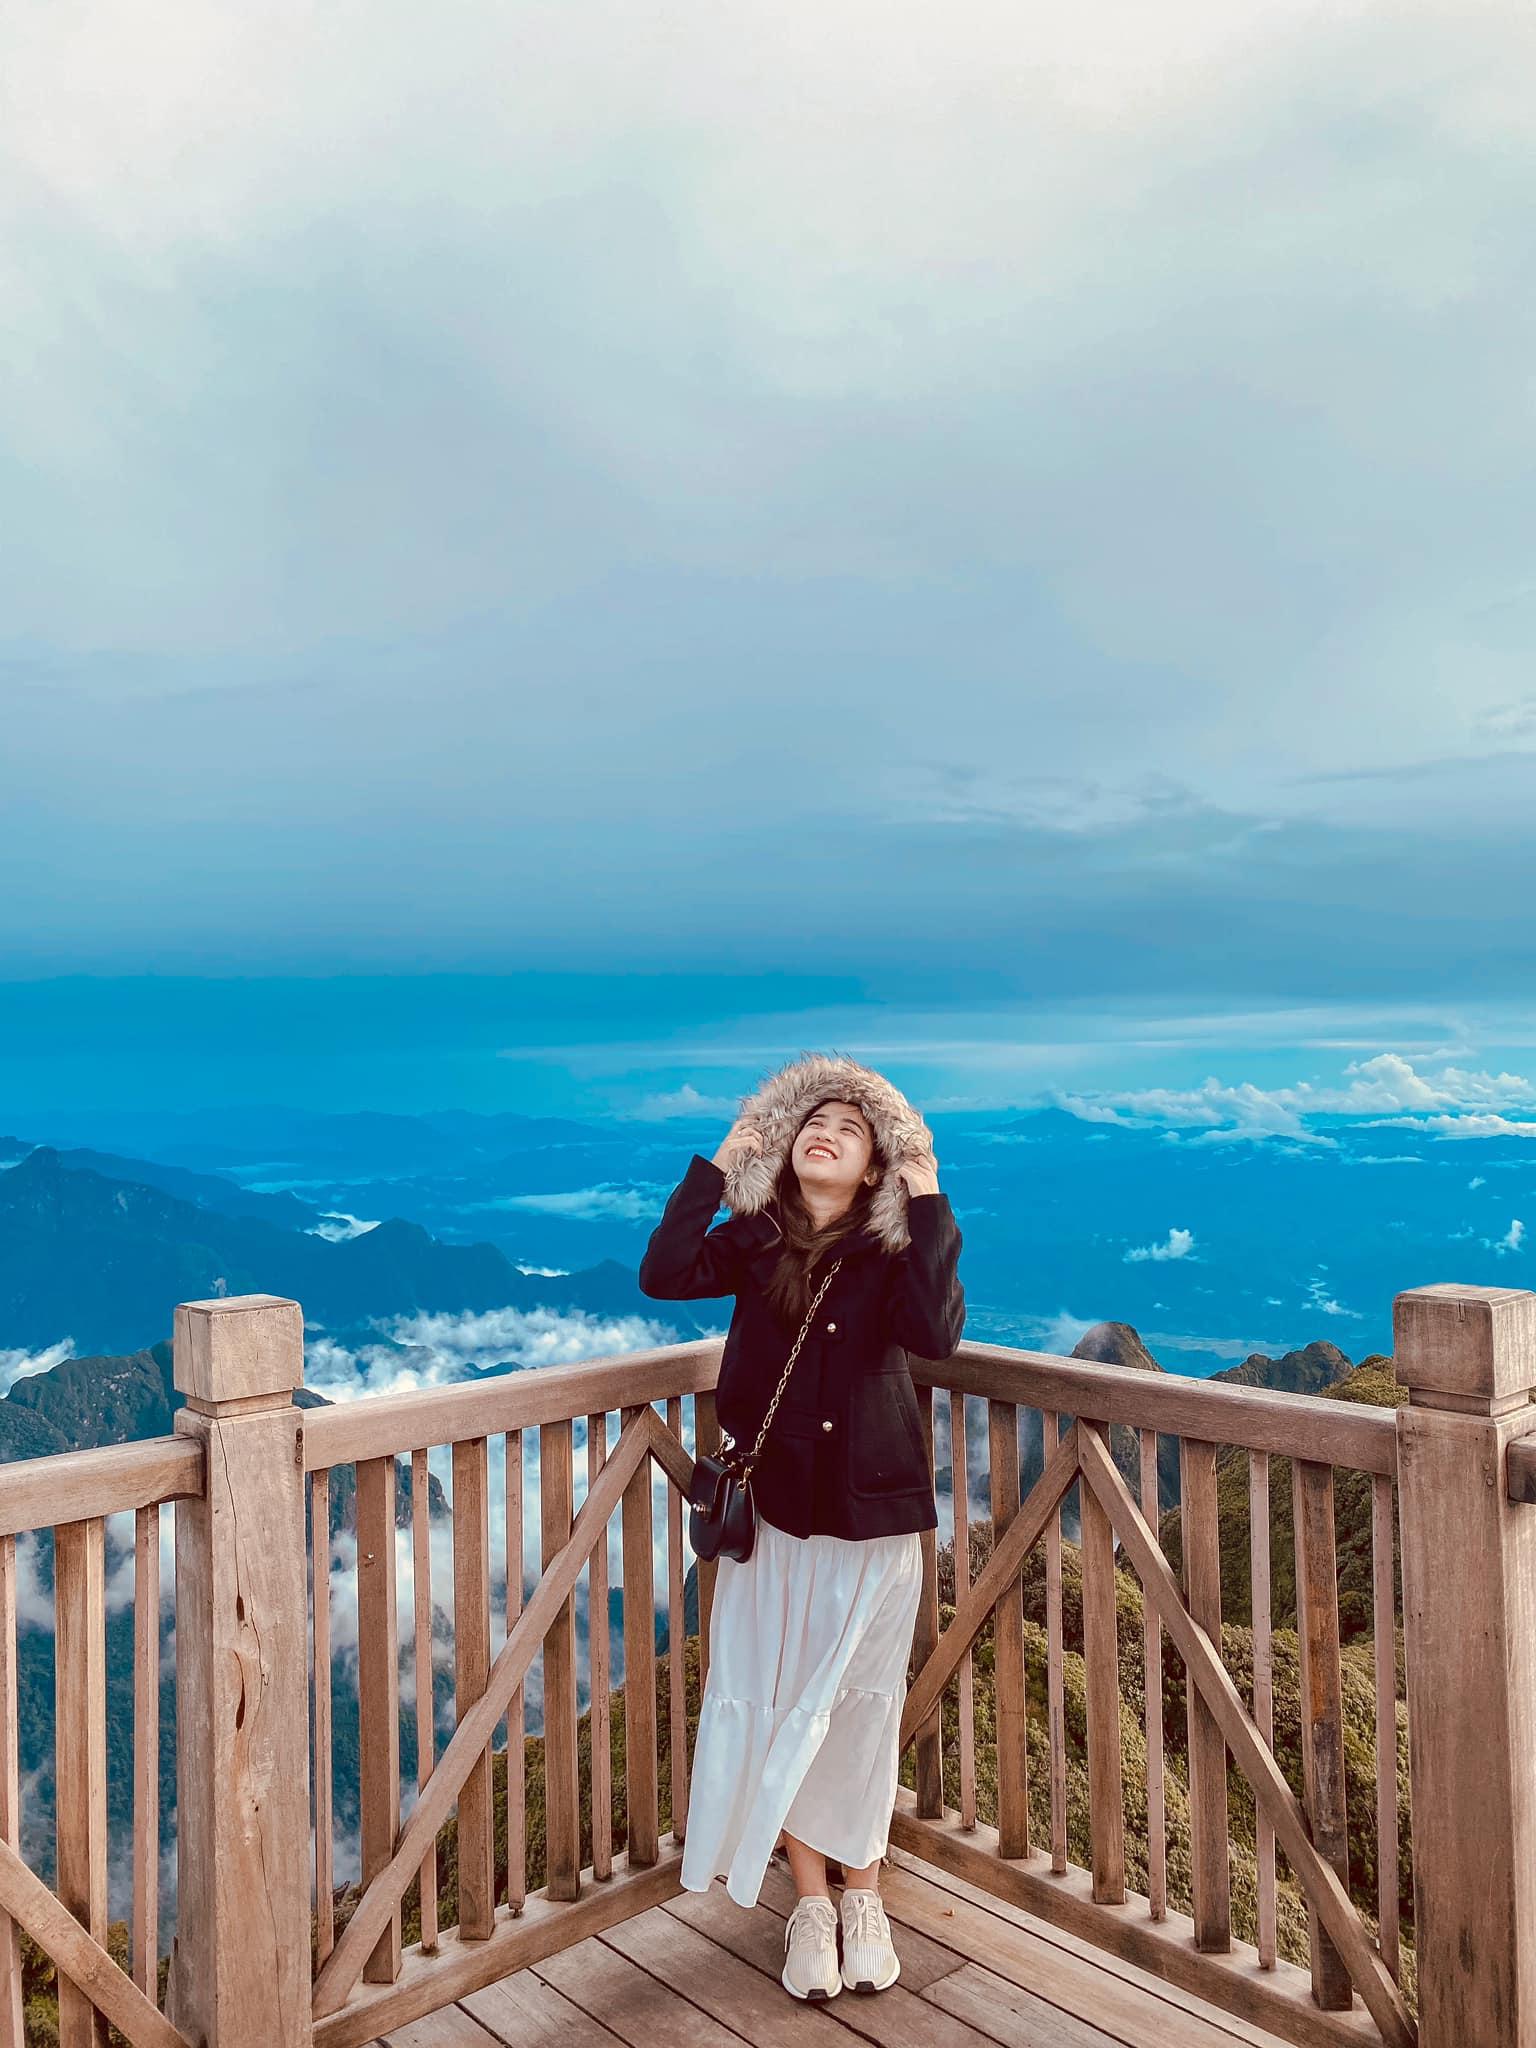 Đừng quên mang một chiếc áo ấm khi du lịch Sapa. Hình: Hien Pham Thu